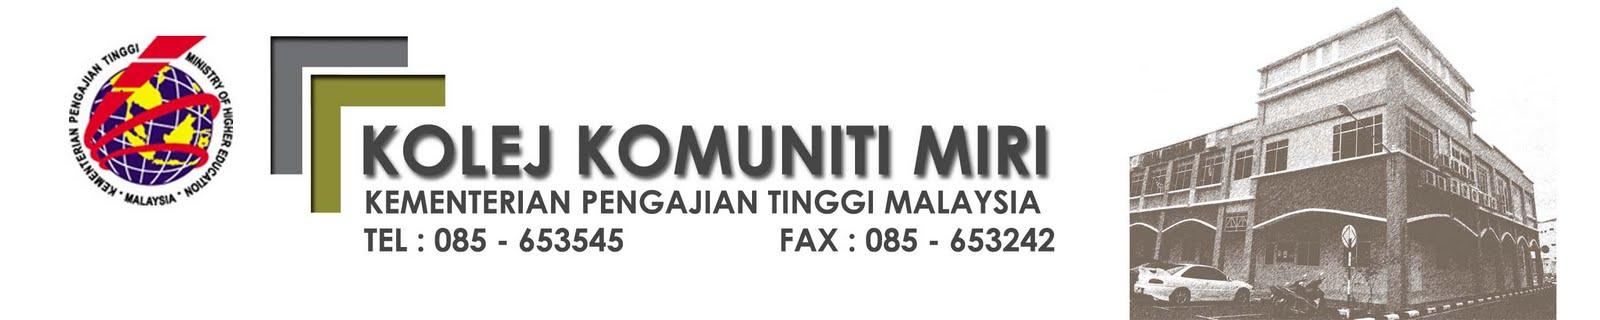 Kolej Komuniti Miri